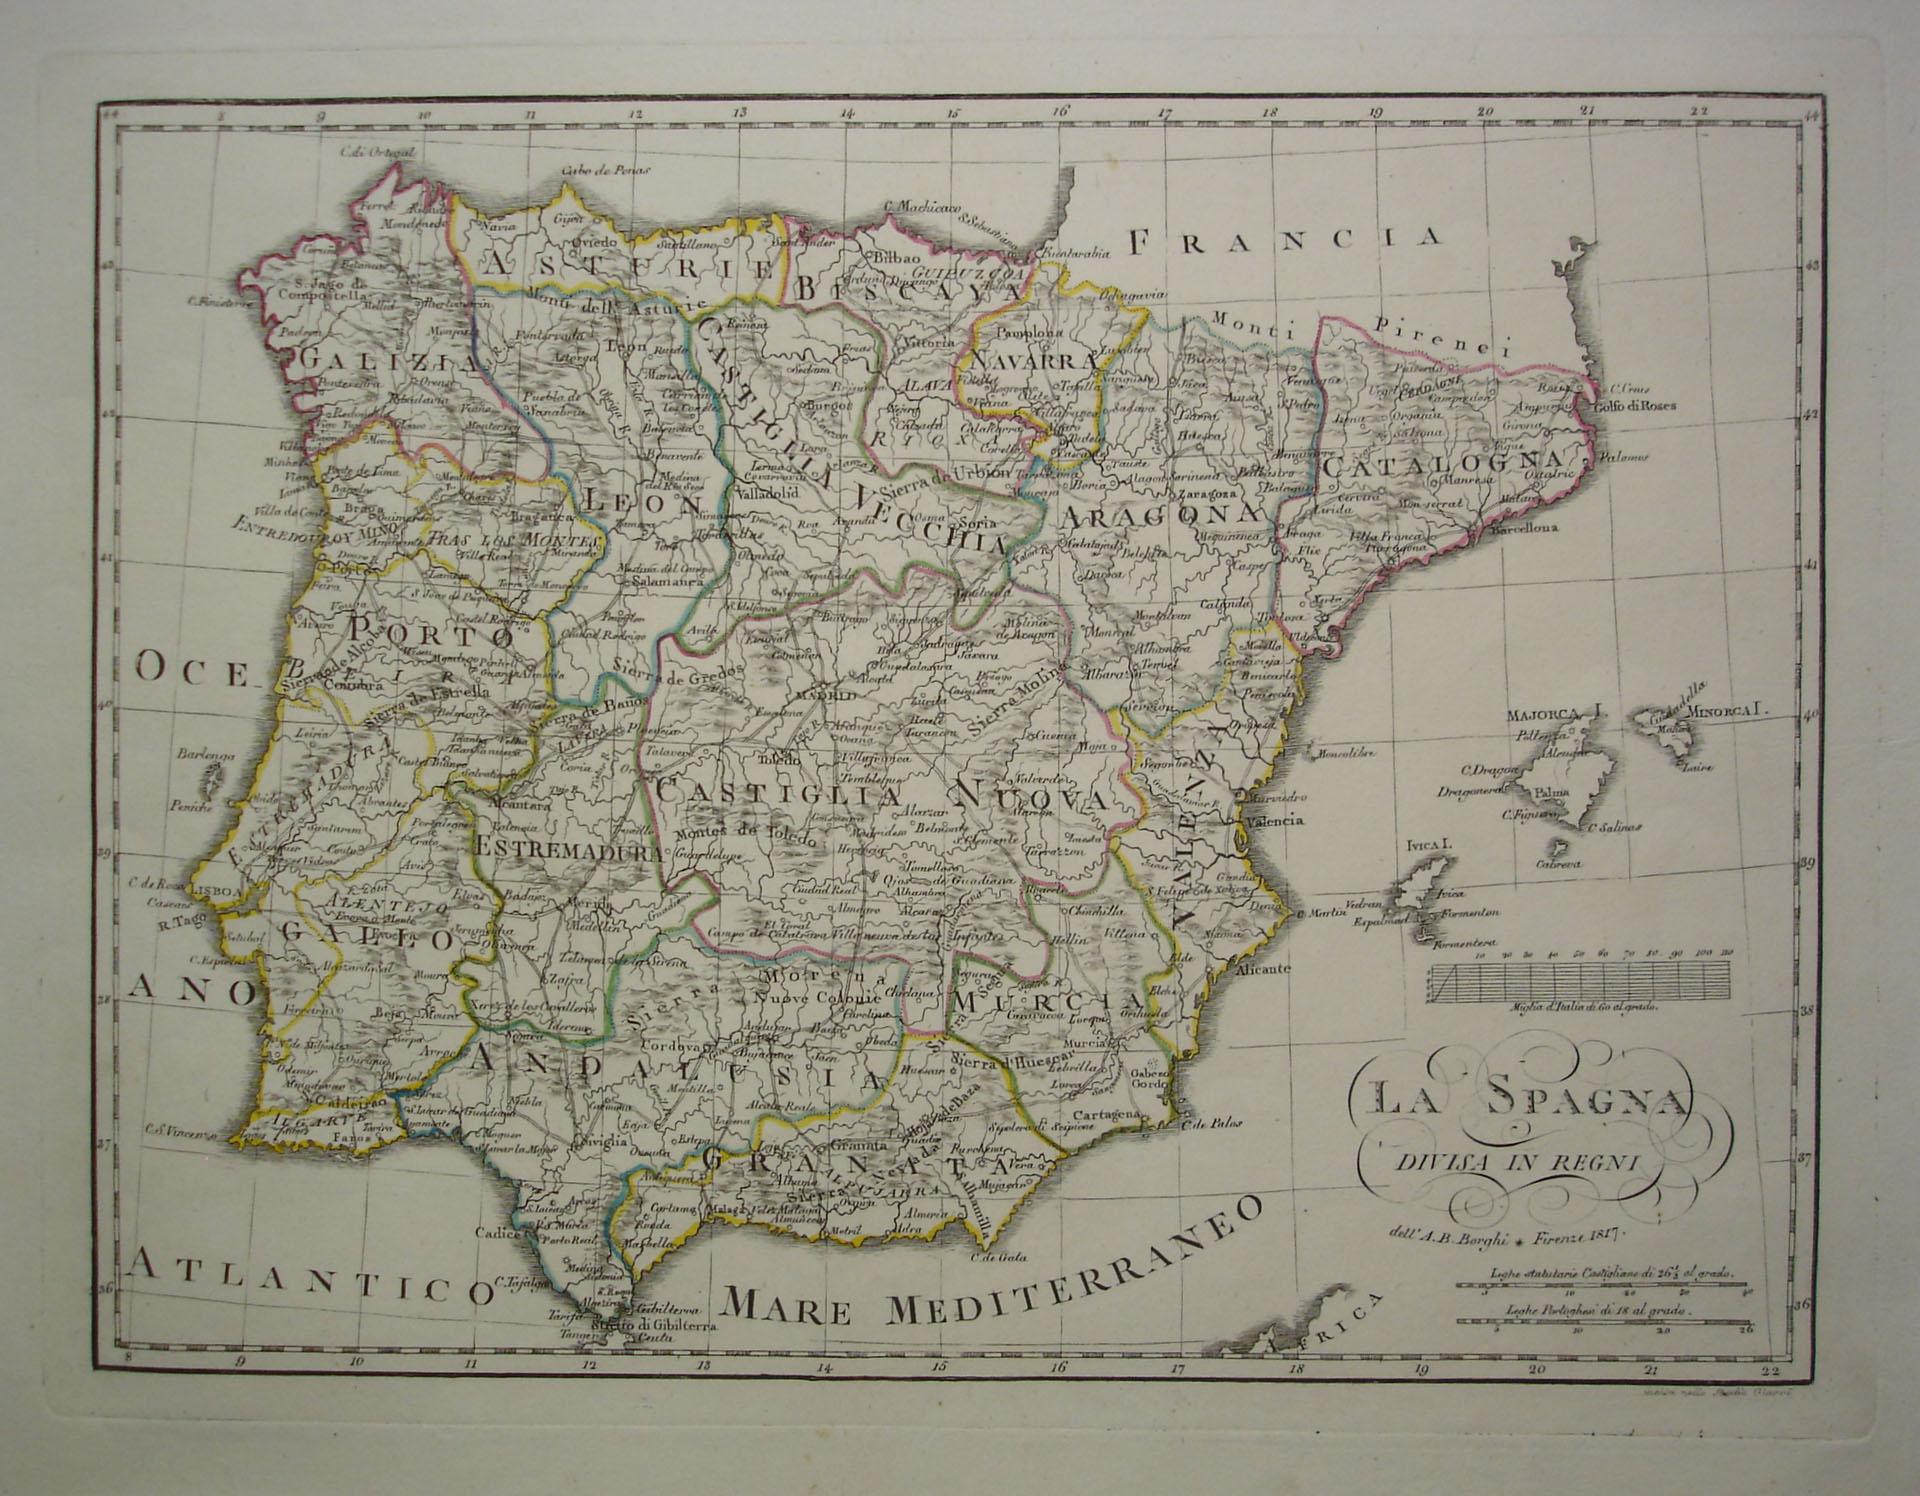 Mapa De España Antiguo.Mapa De Los Antiguos Reinos De Espana Y Portugal